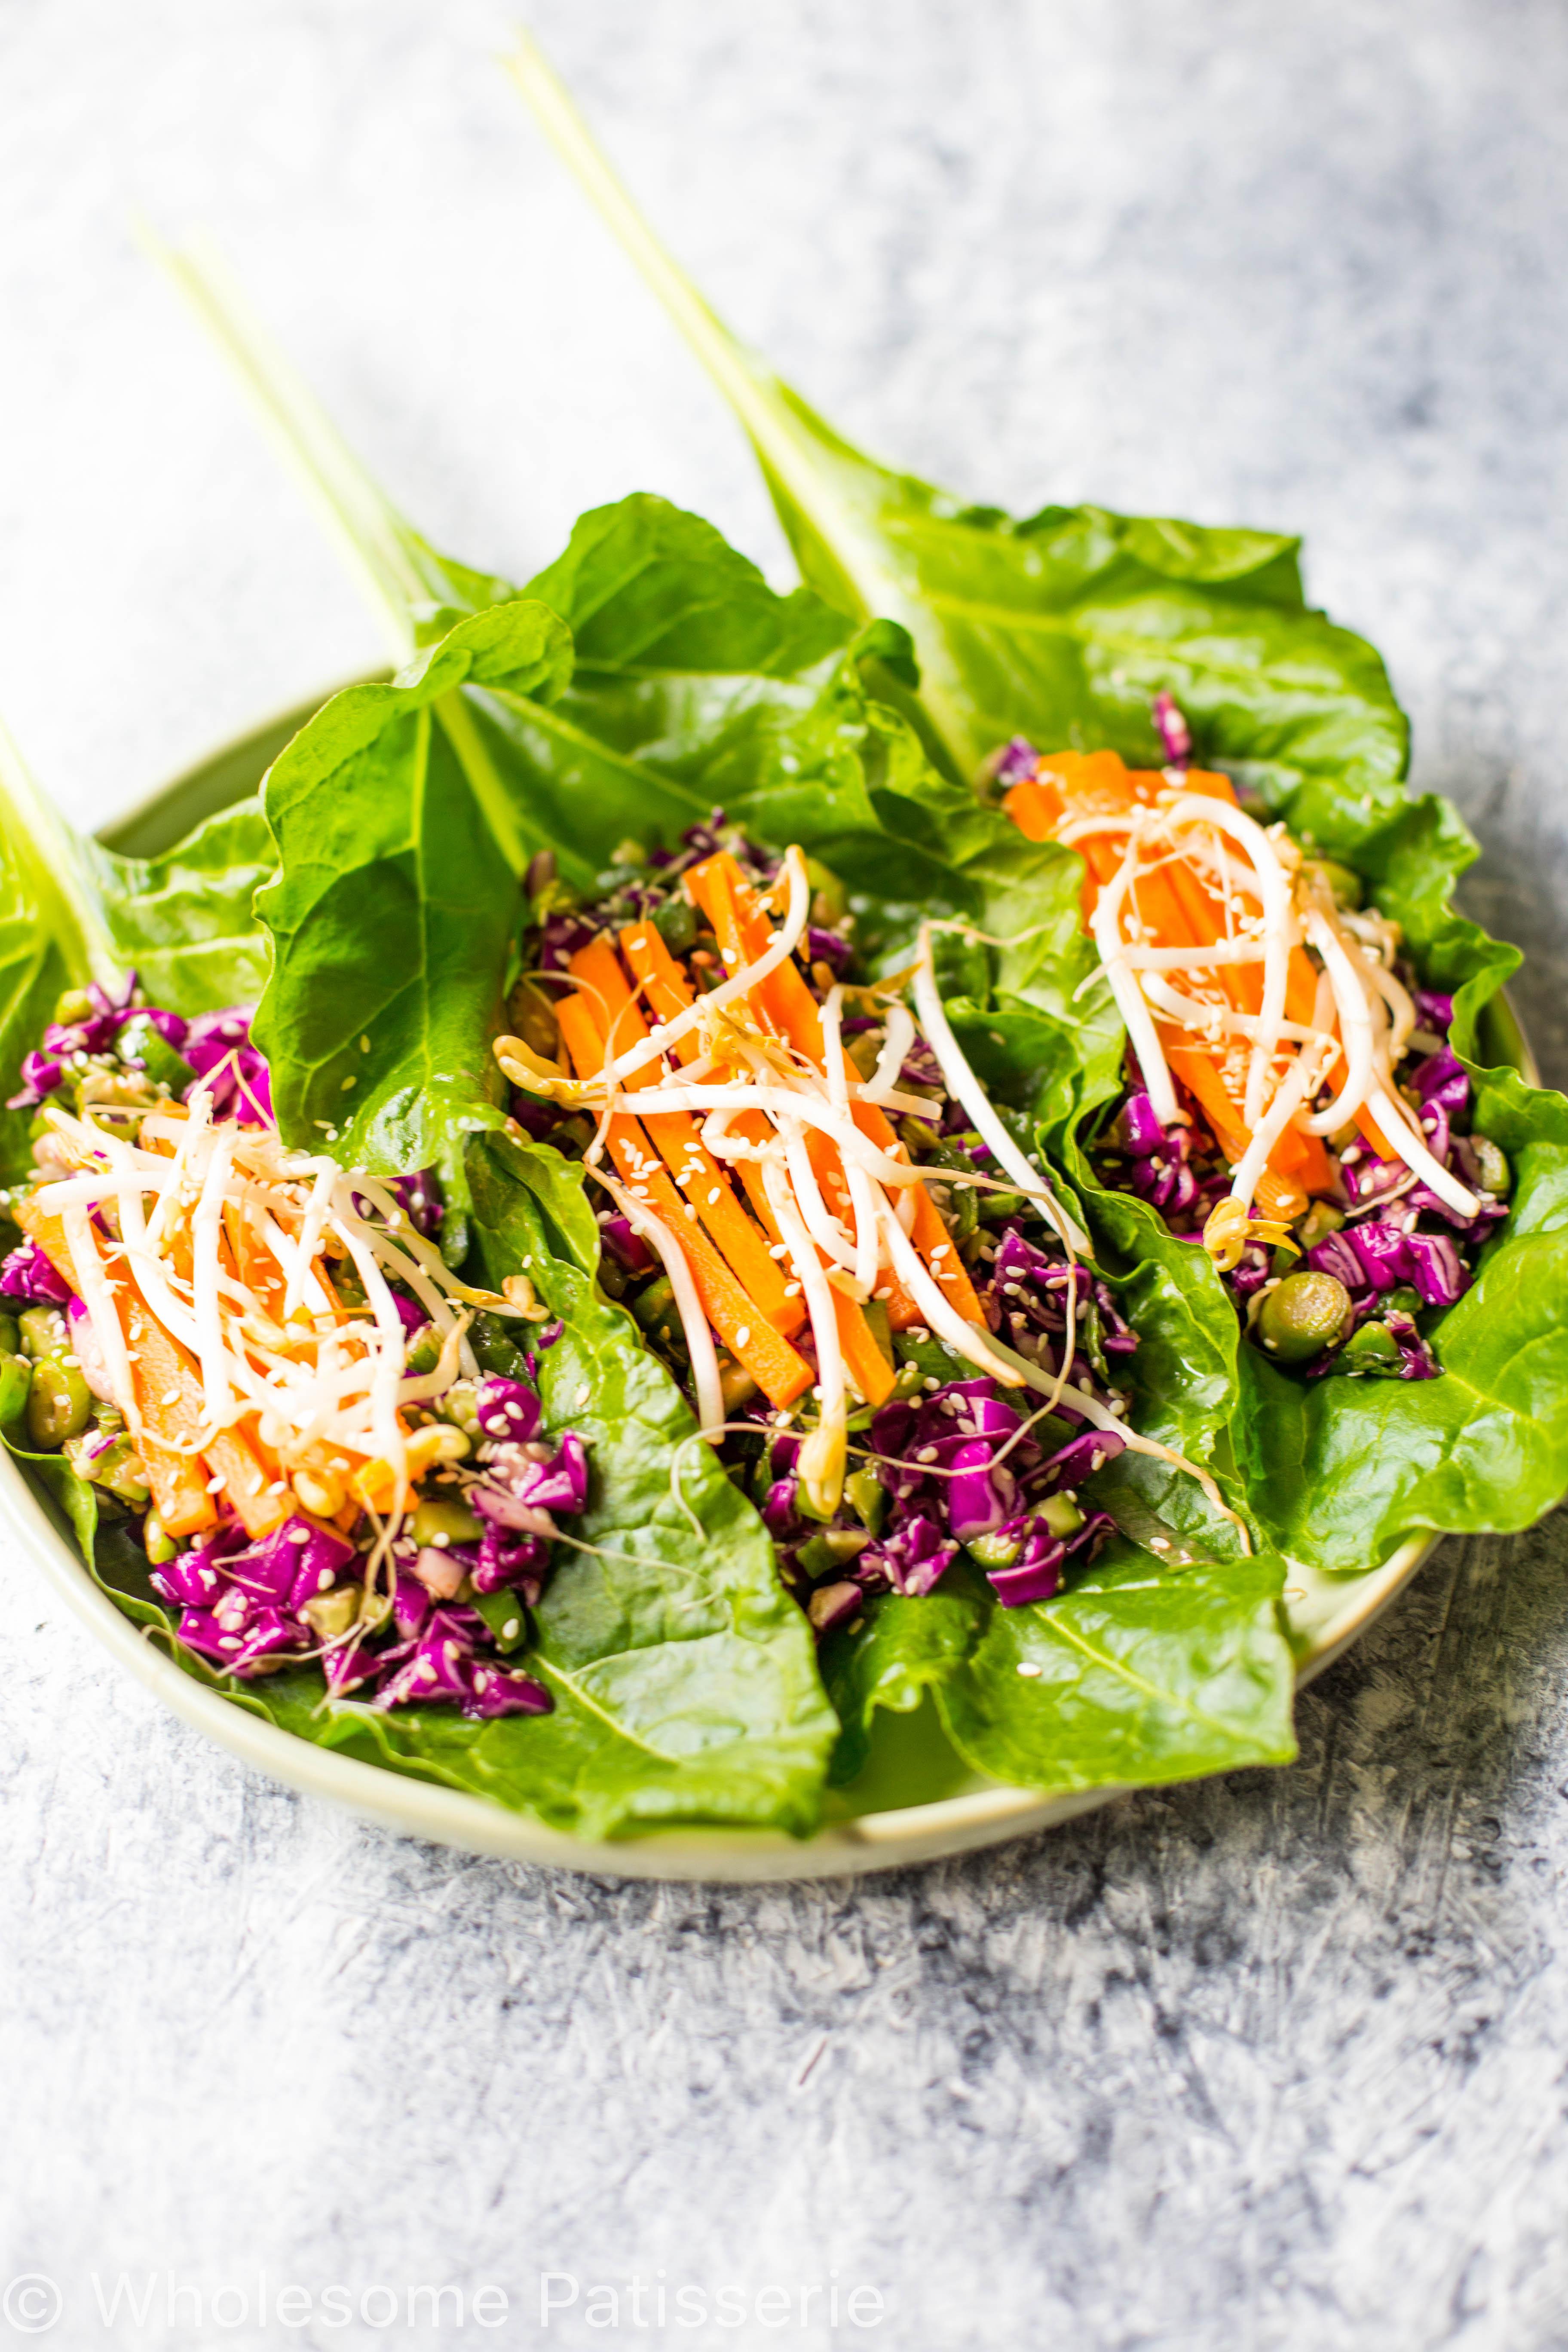 Japanese Summer Recipes  Vegan Asian Lettuce Wraps